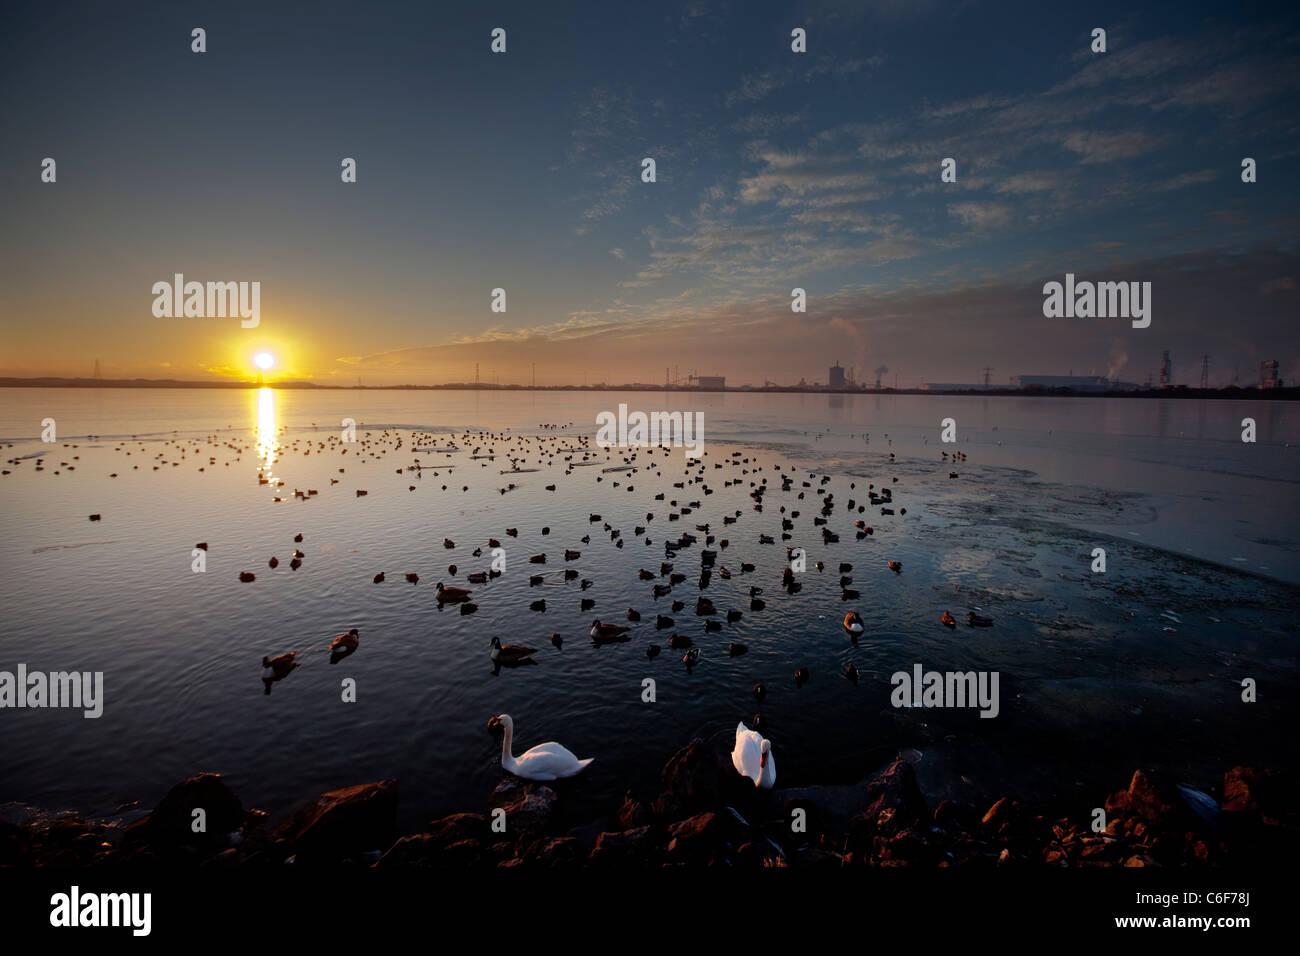 Verschiedene Arten von Enten zusammen mit ein paar Schwäne suchen eine Pause im Eis am Eglwys Nunydd Stausee in Port Talbot. Stockfoto